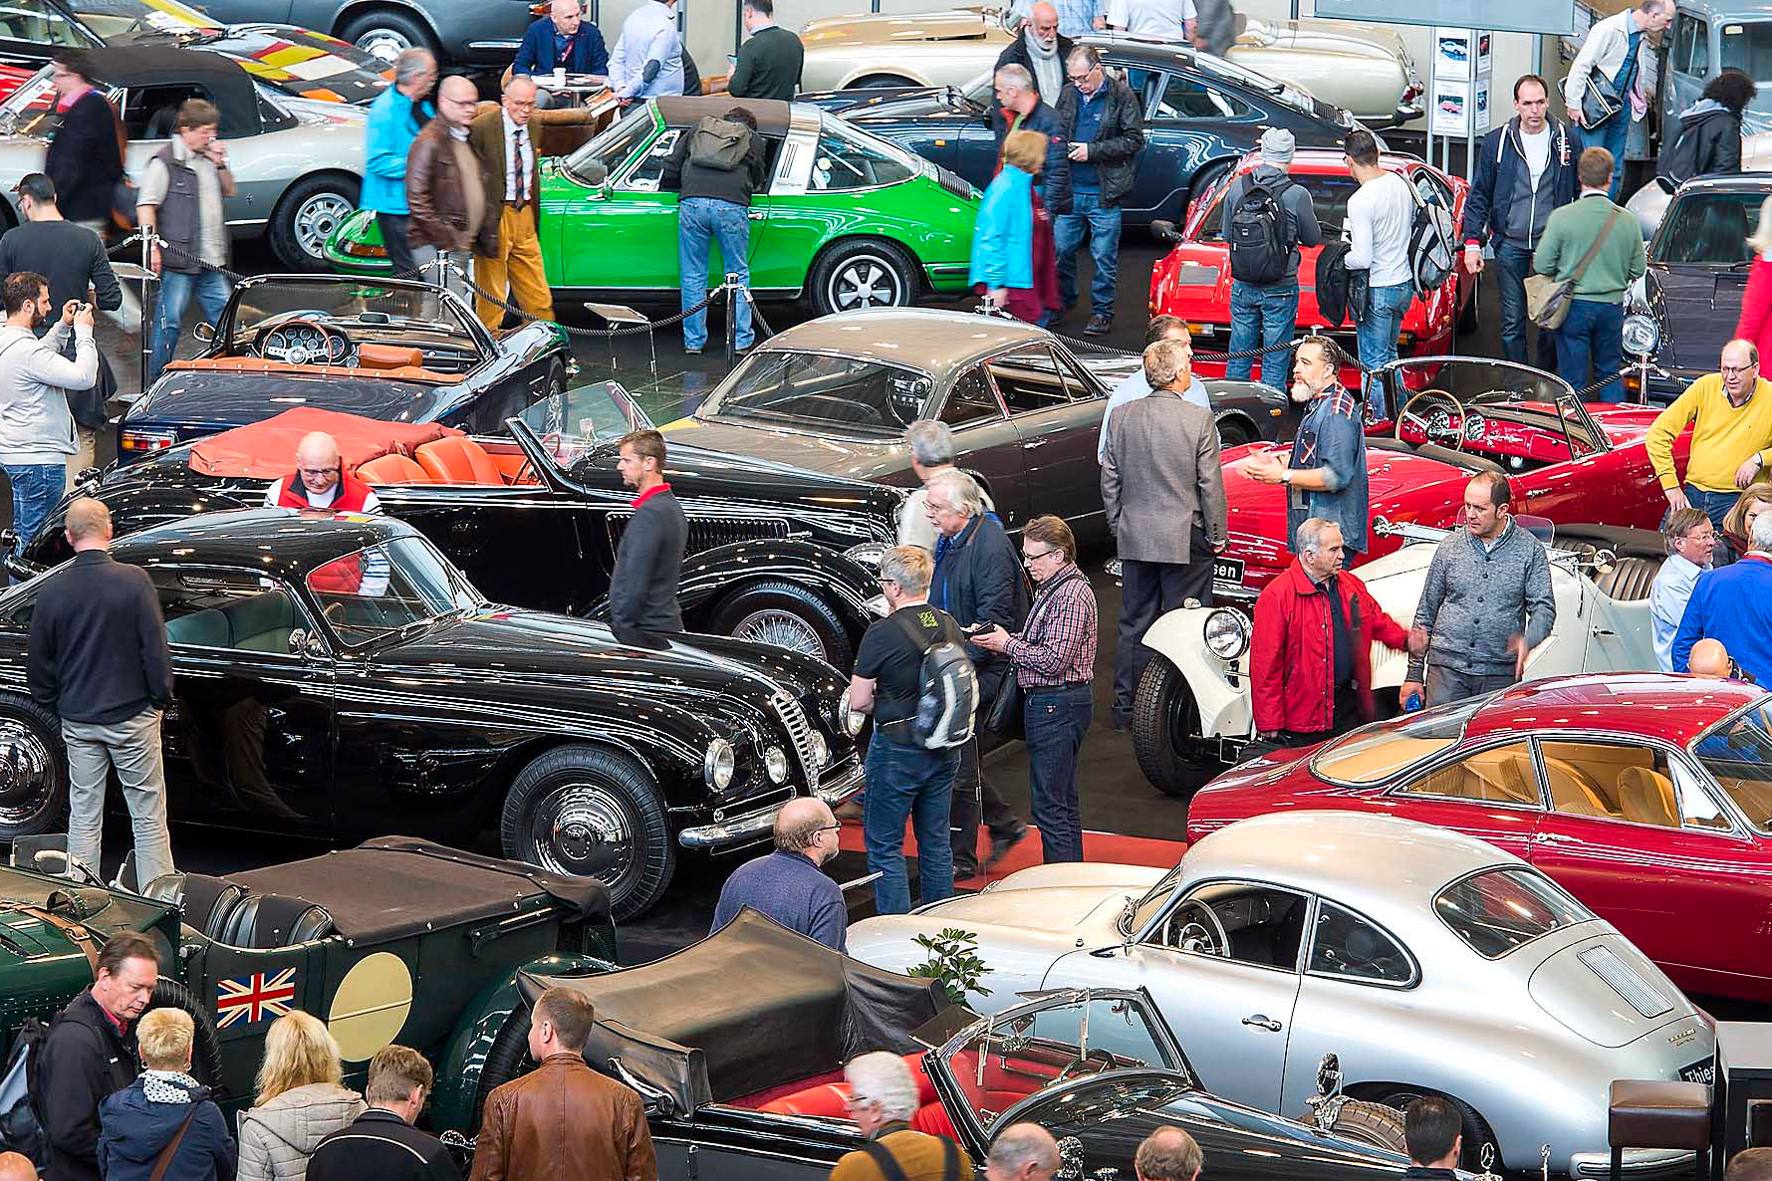 mid Groß-Gerau - Mit 200.000 Besuchern und mehr als 1.250 Ausstellern war die Techno Classica Essen 2016 die wichtigste Oldtimer-Messe der Welt. Das soll auch 2017 wieder so sein.